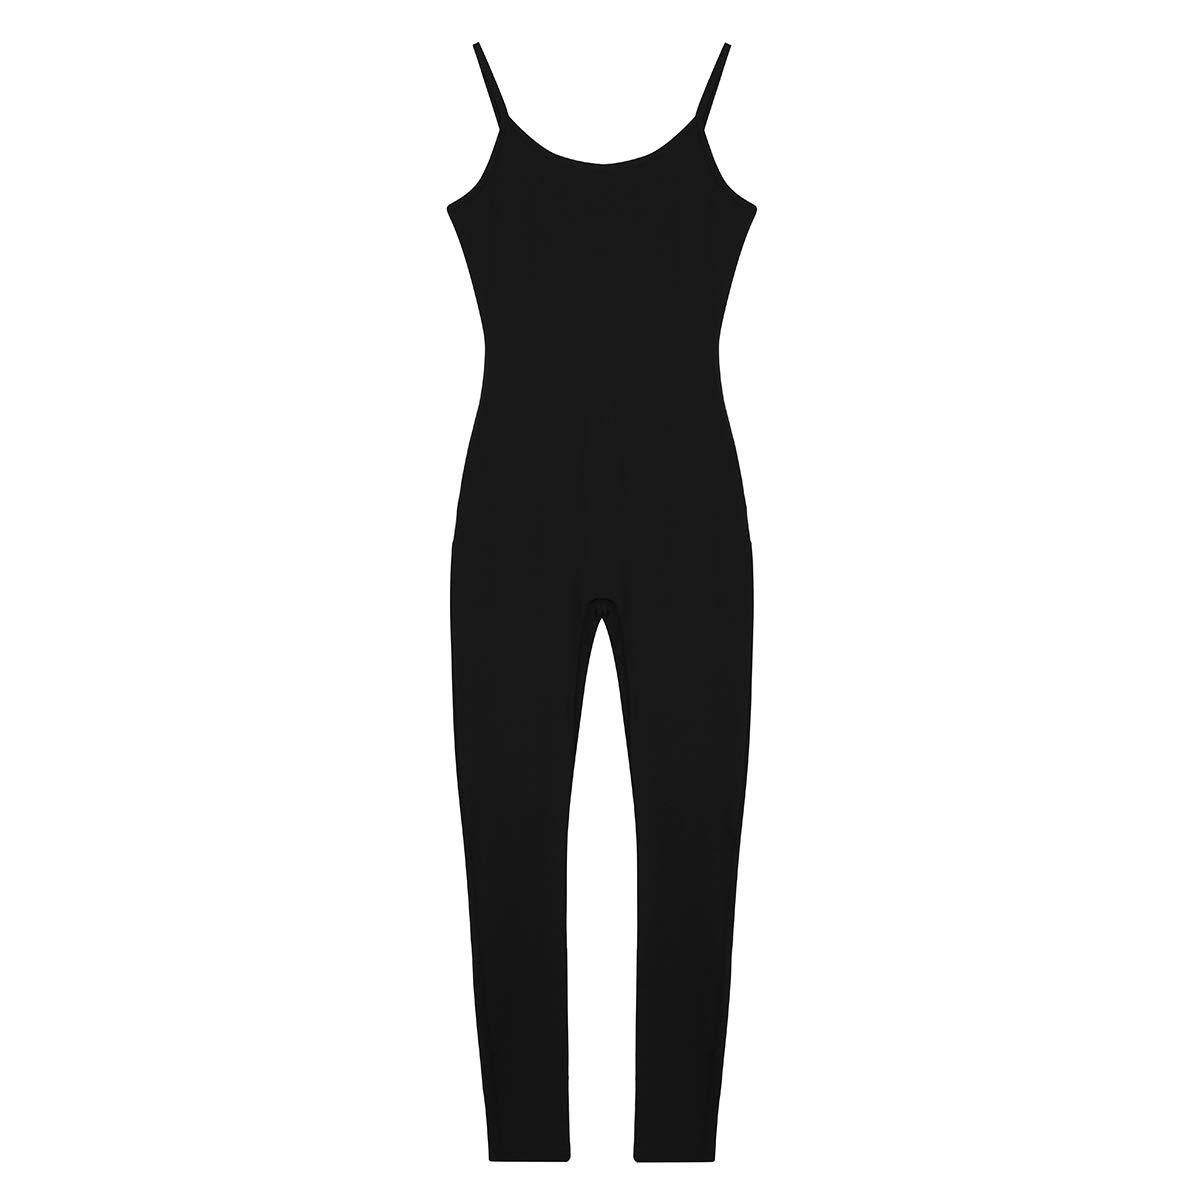 Freebily Femme Justaucorps Danse Ballet Classique sans Manches Adulte D/ébardeur Combinaison de Danse Yoga /à Pied Bretelle Stretchy Jumpsuit Solid Unitard S-XL